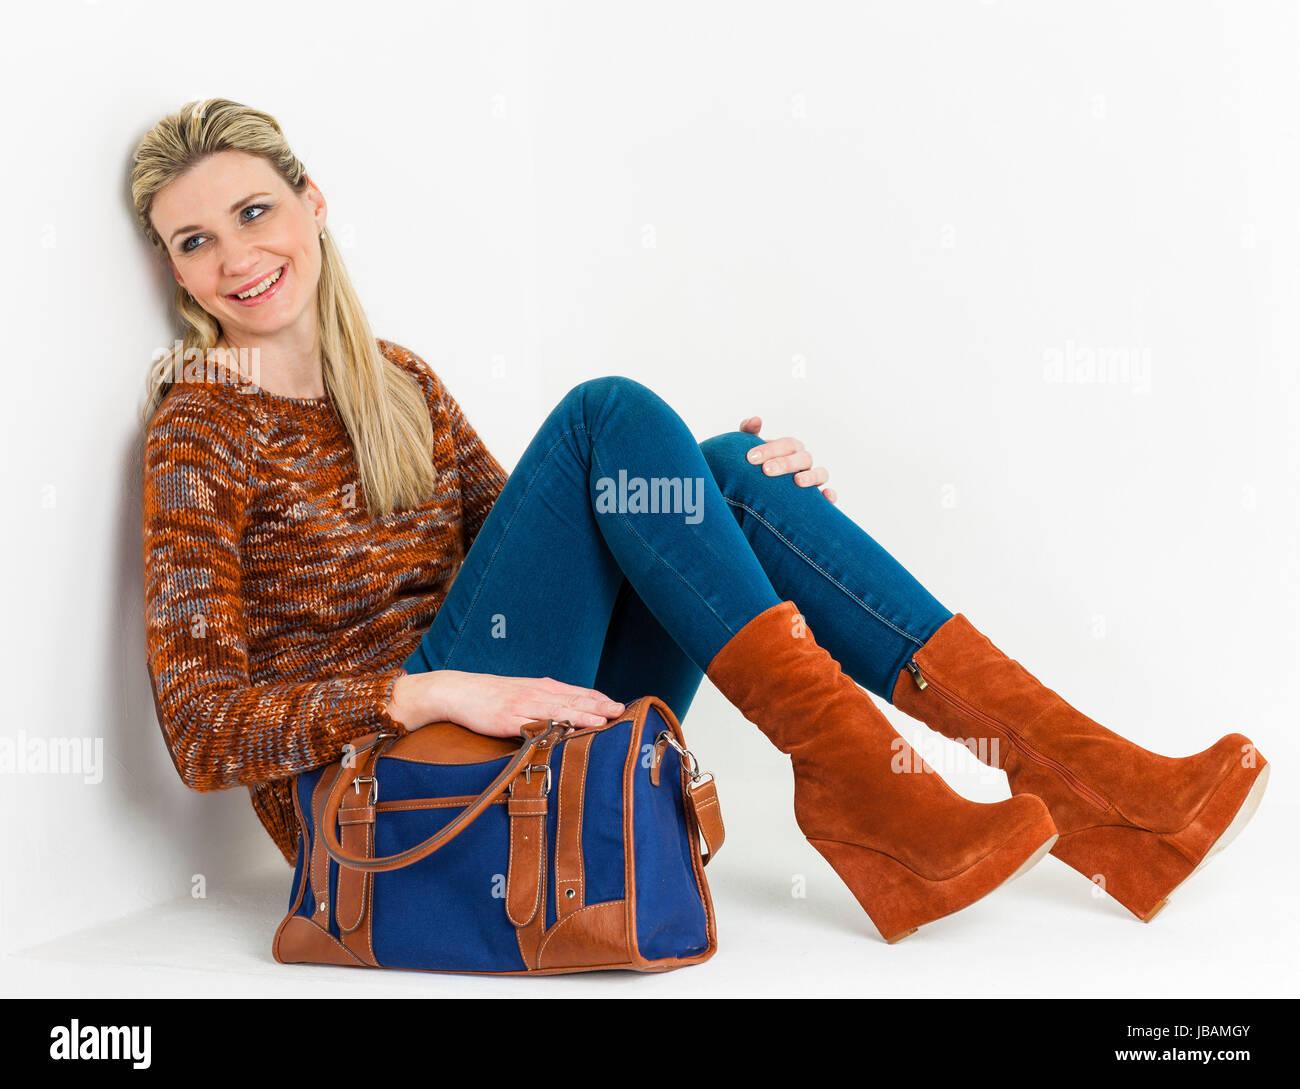 76a3f8ec02 sitzende Frau Braun modische Plateau-Schuhe mit einer Handtasche tragen